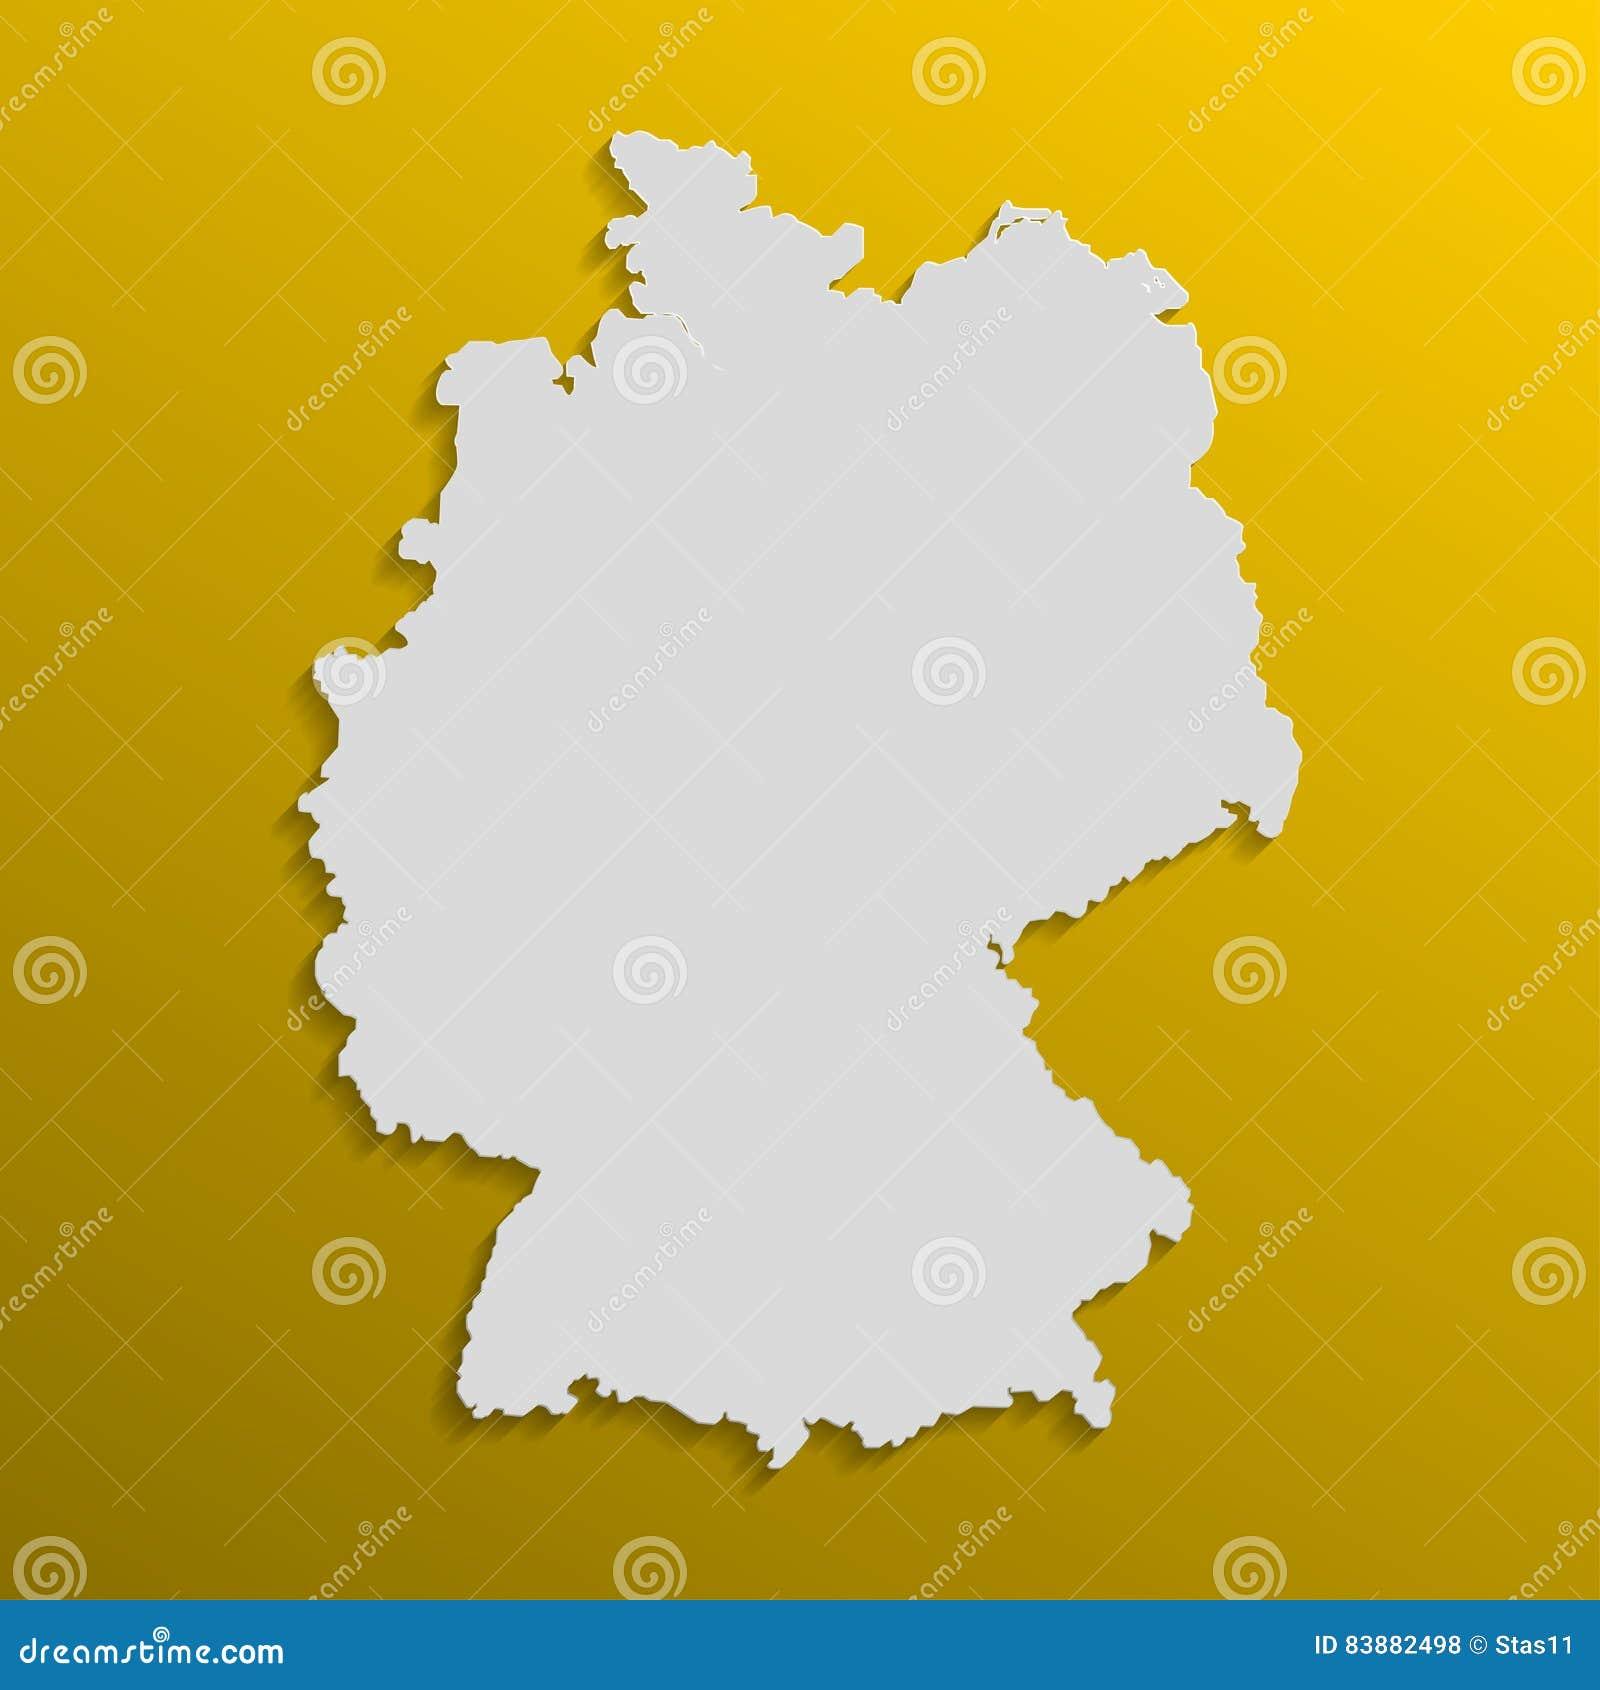 De kaart van Duitsland in grijs met schaduwen en gradiënten op een oranje achtergrond